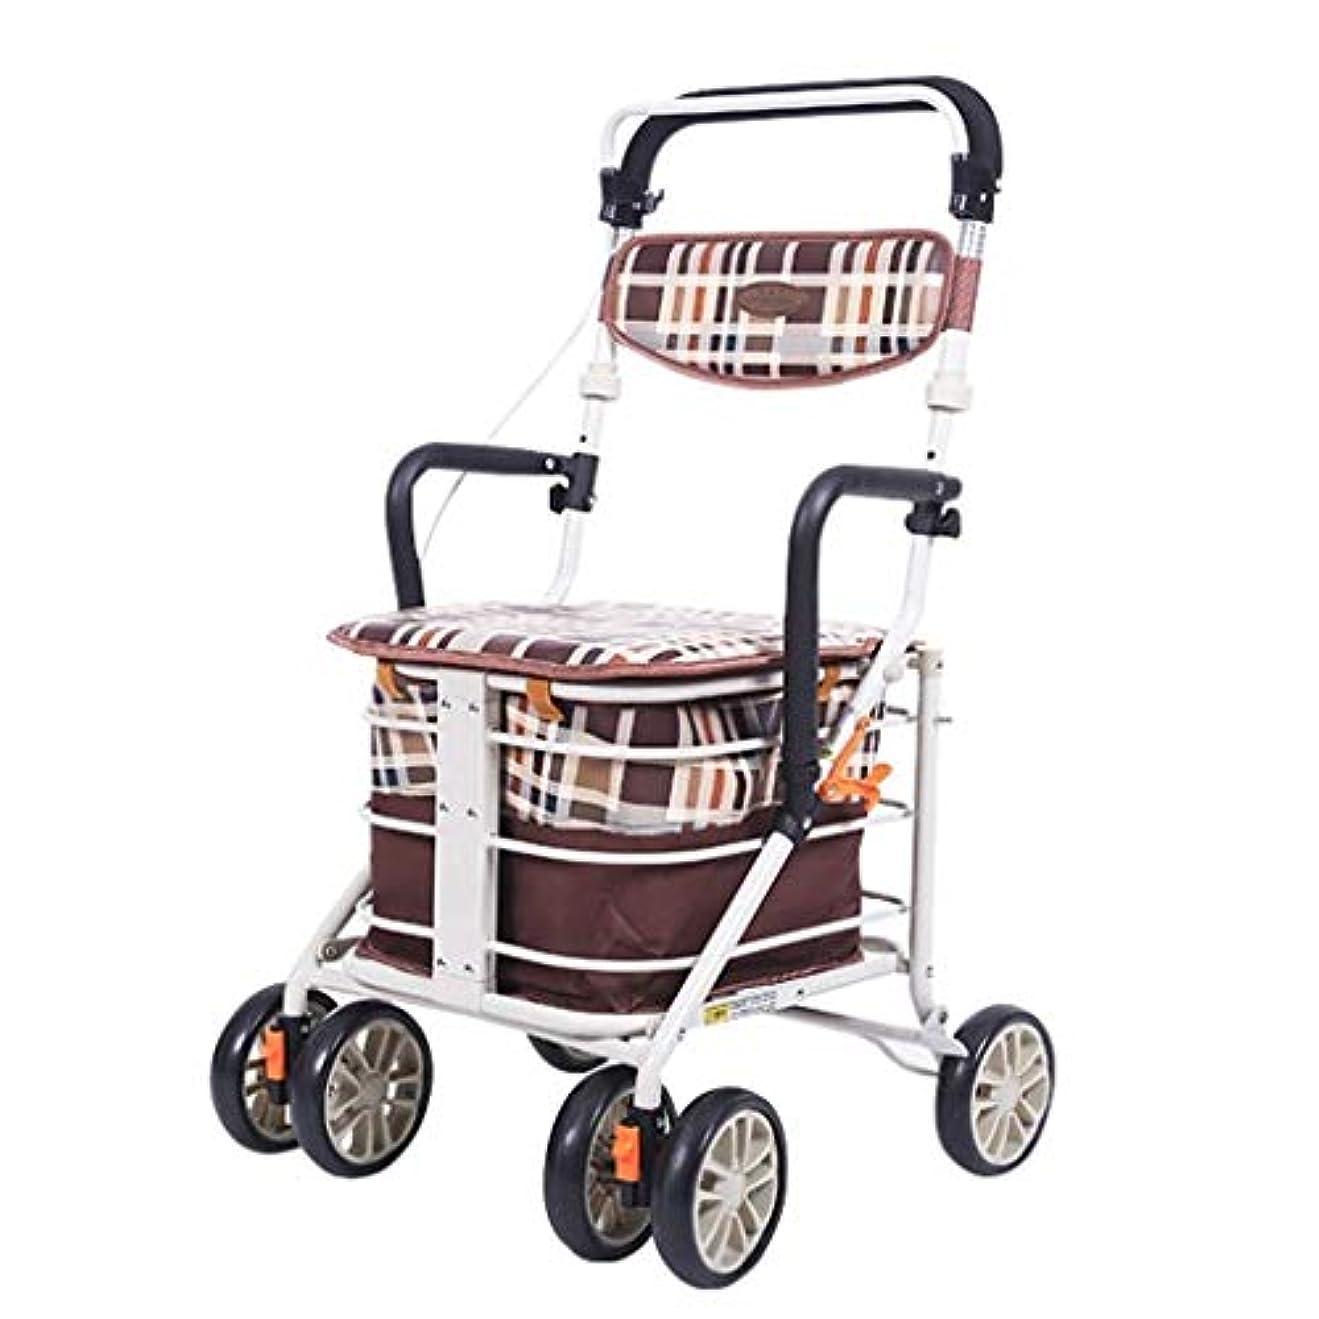 トーナメント追放印象ハンドブレーキ高齢者歩行者が付いている軽量のアルミ合金の座席を折る多機能歩行者のトロリーショッピングカート